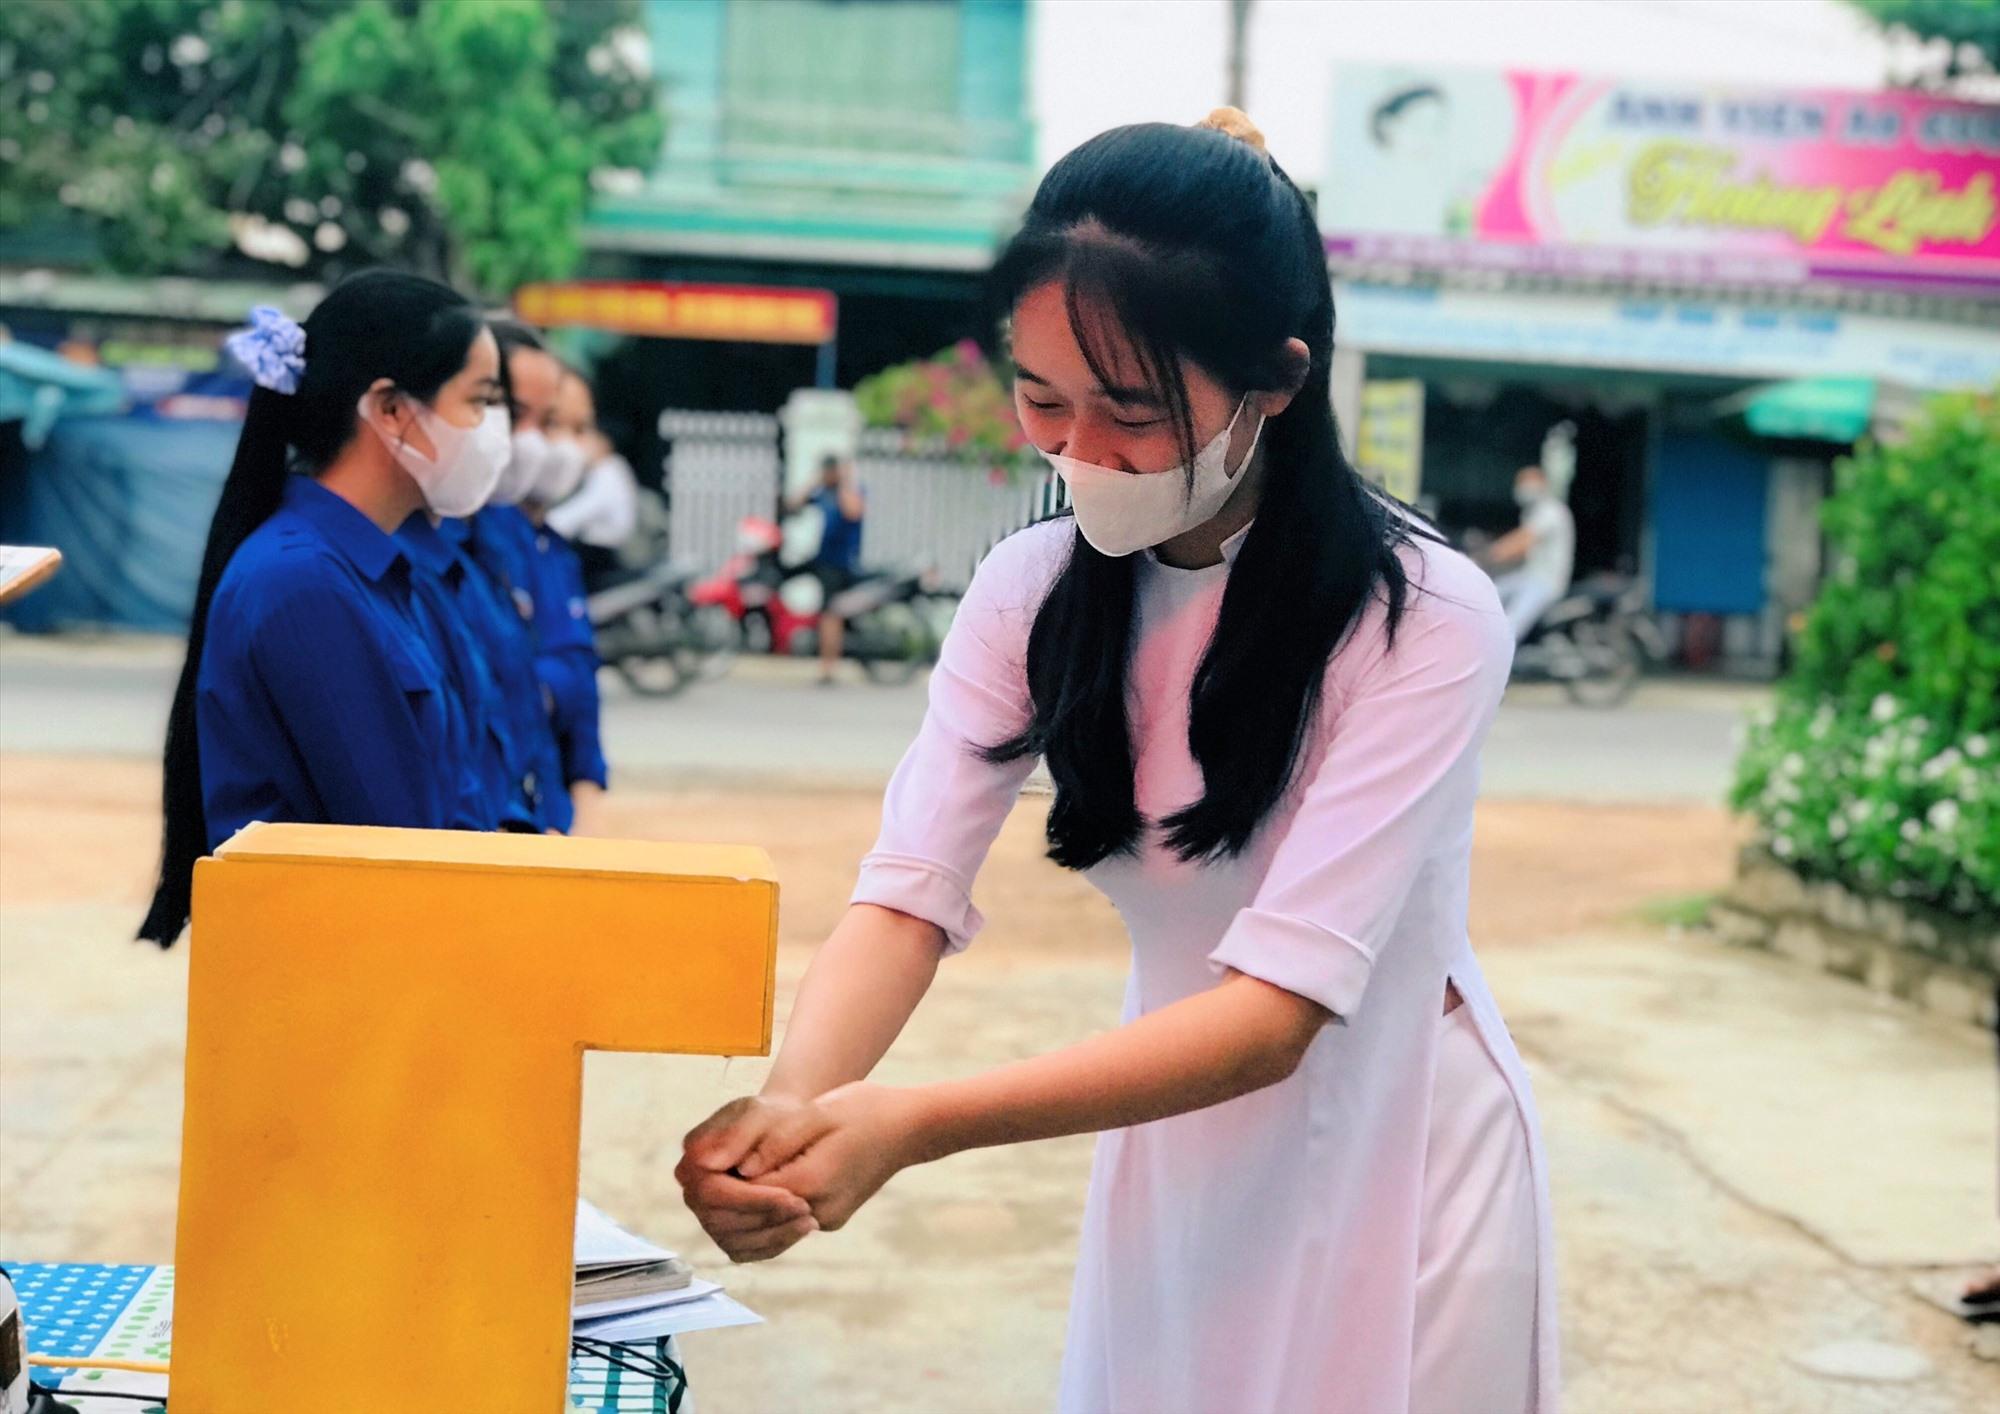 Thí sinh rửa tay sát khuẩn bằng máy sát khuẩn tự động tại điểm thi Trường THPT Lý Tự Trọng (xã Bình Trị, huyện Thăng Bình). Ảnh: VĂN ĐỨC